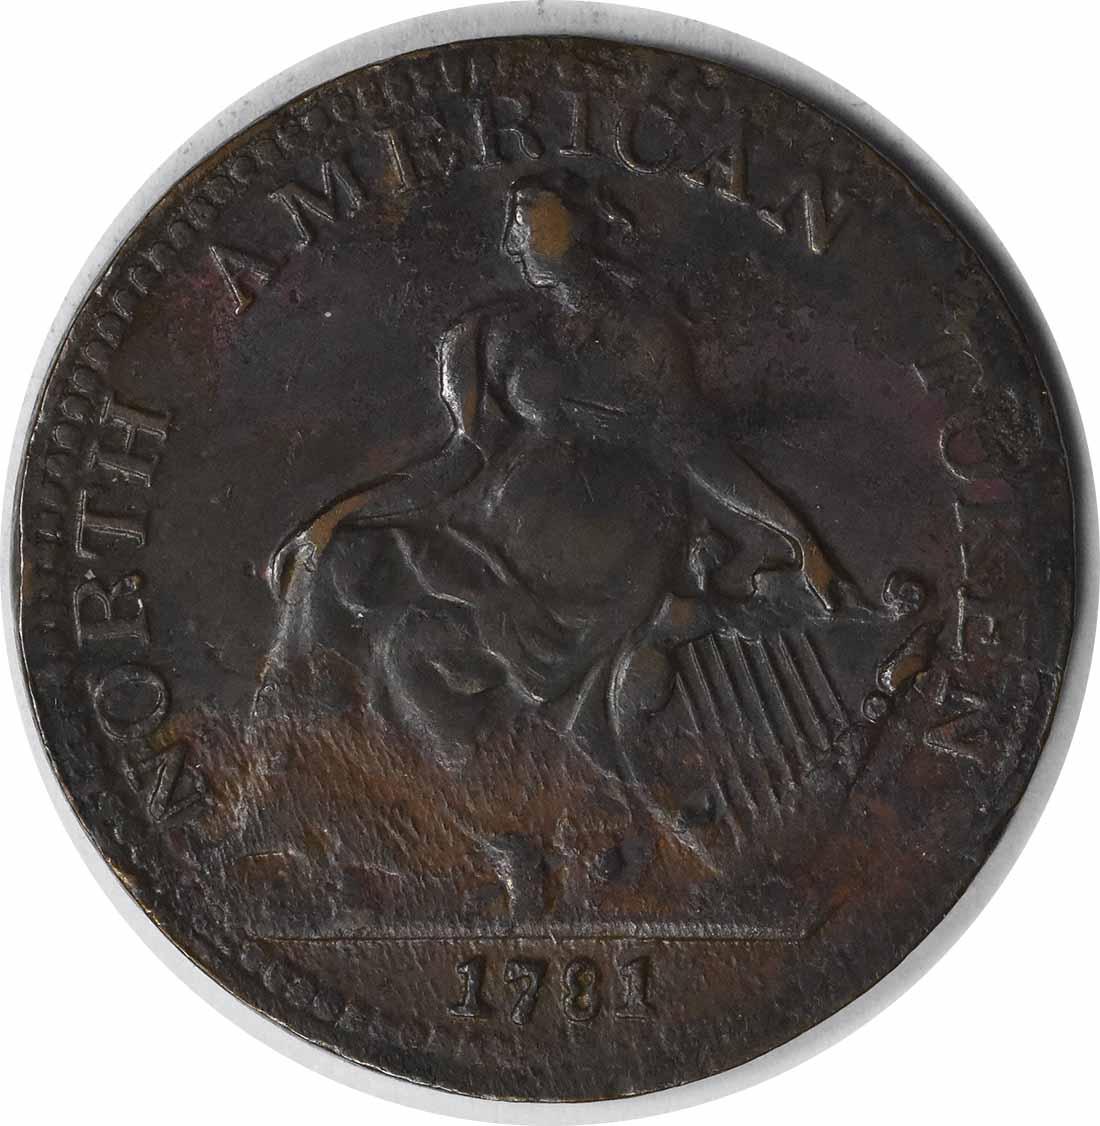 1781 North American Token EF Copper Uncertified